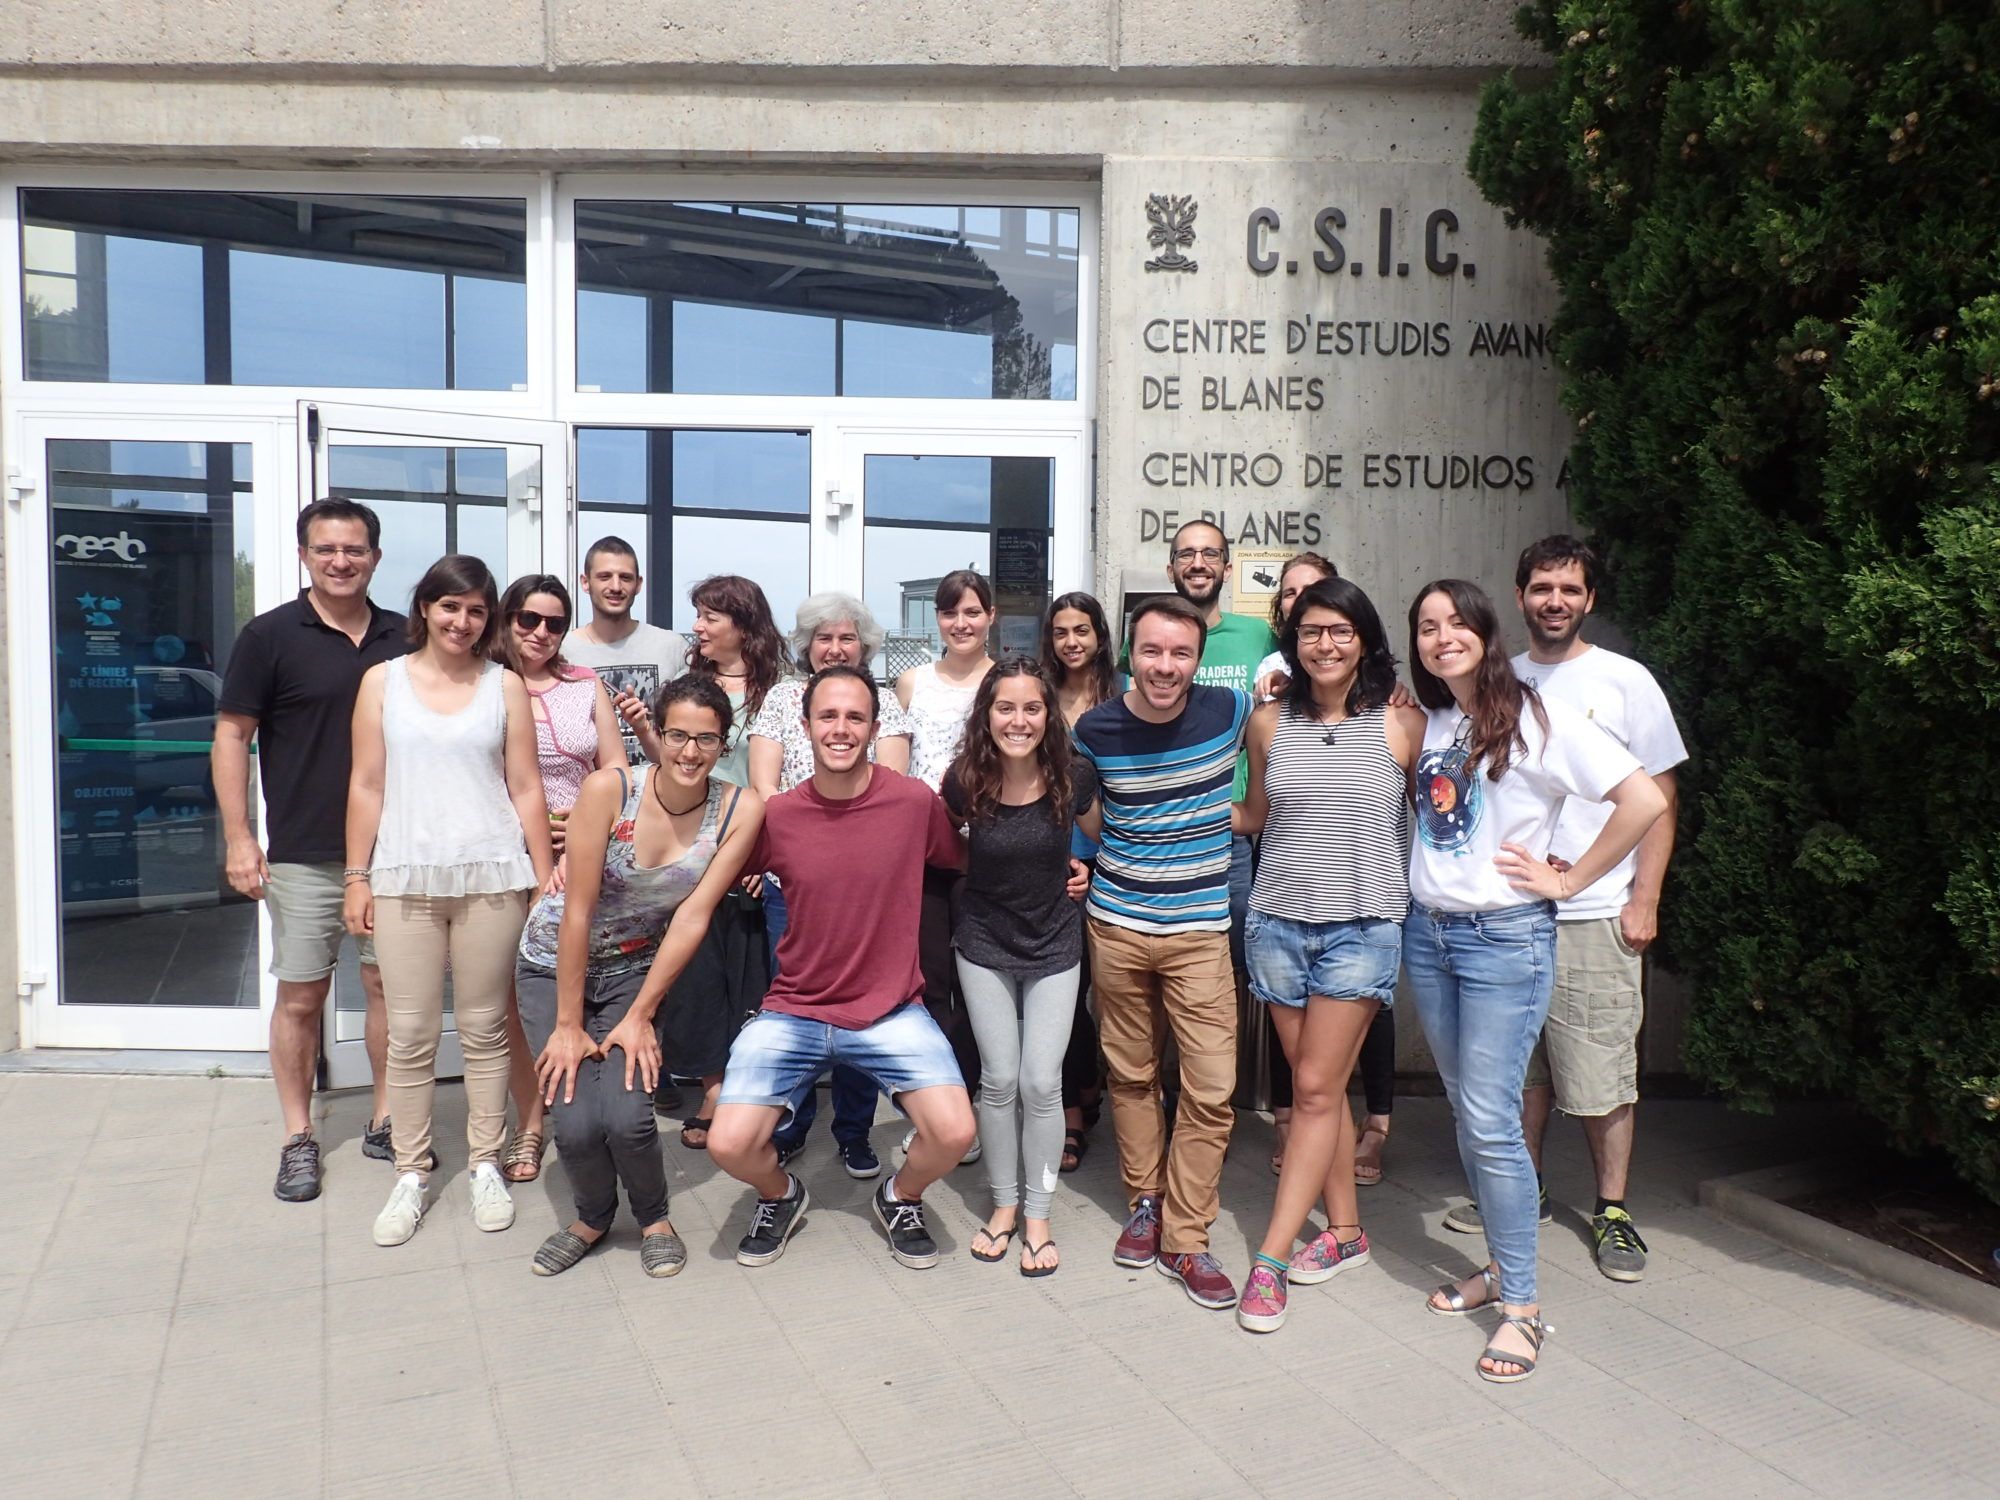 Finaliza El I Curso Científico-técnico De Cuantificación De Carbono Azul